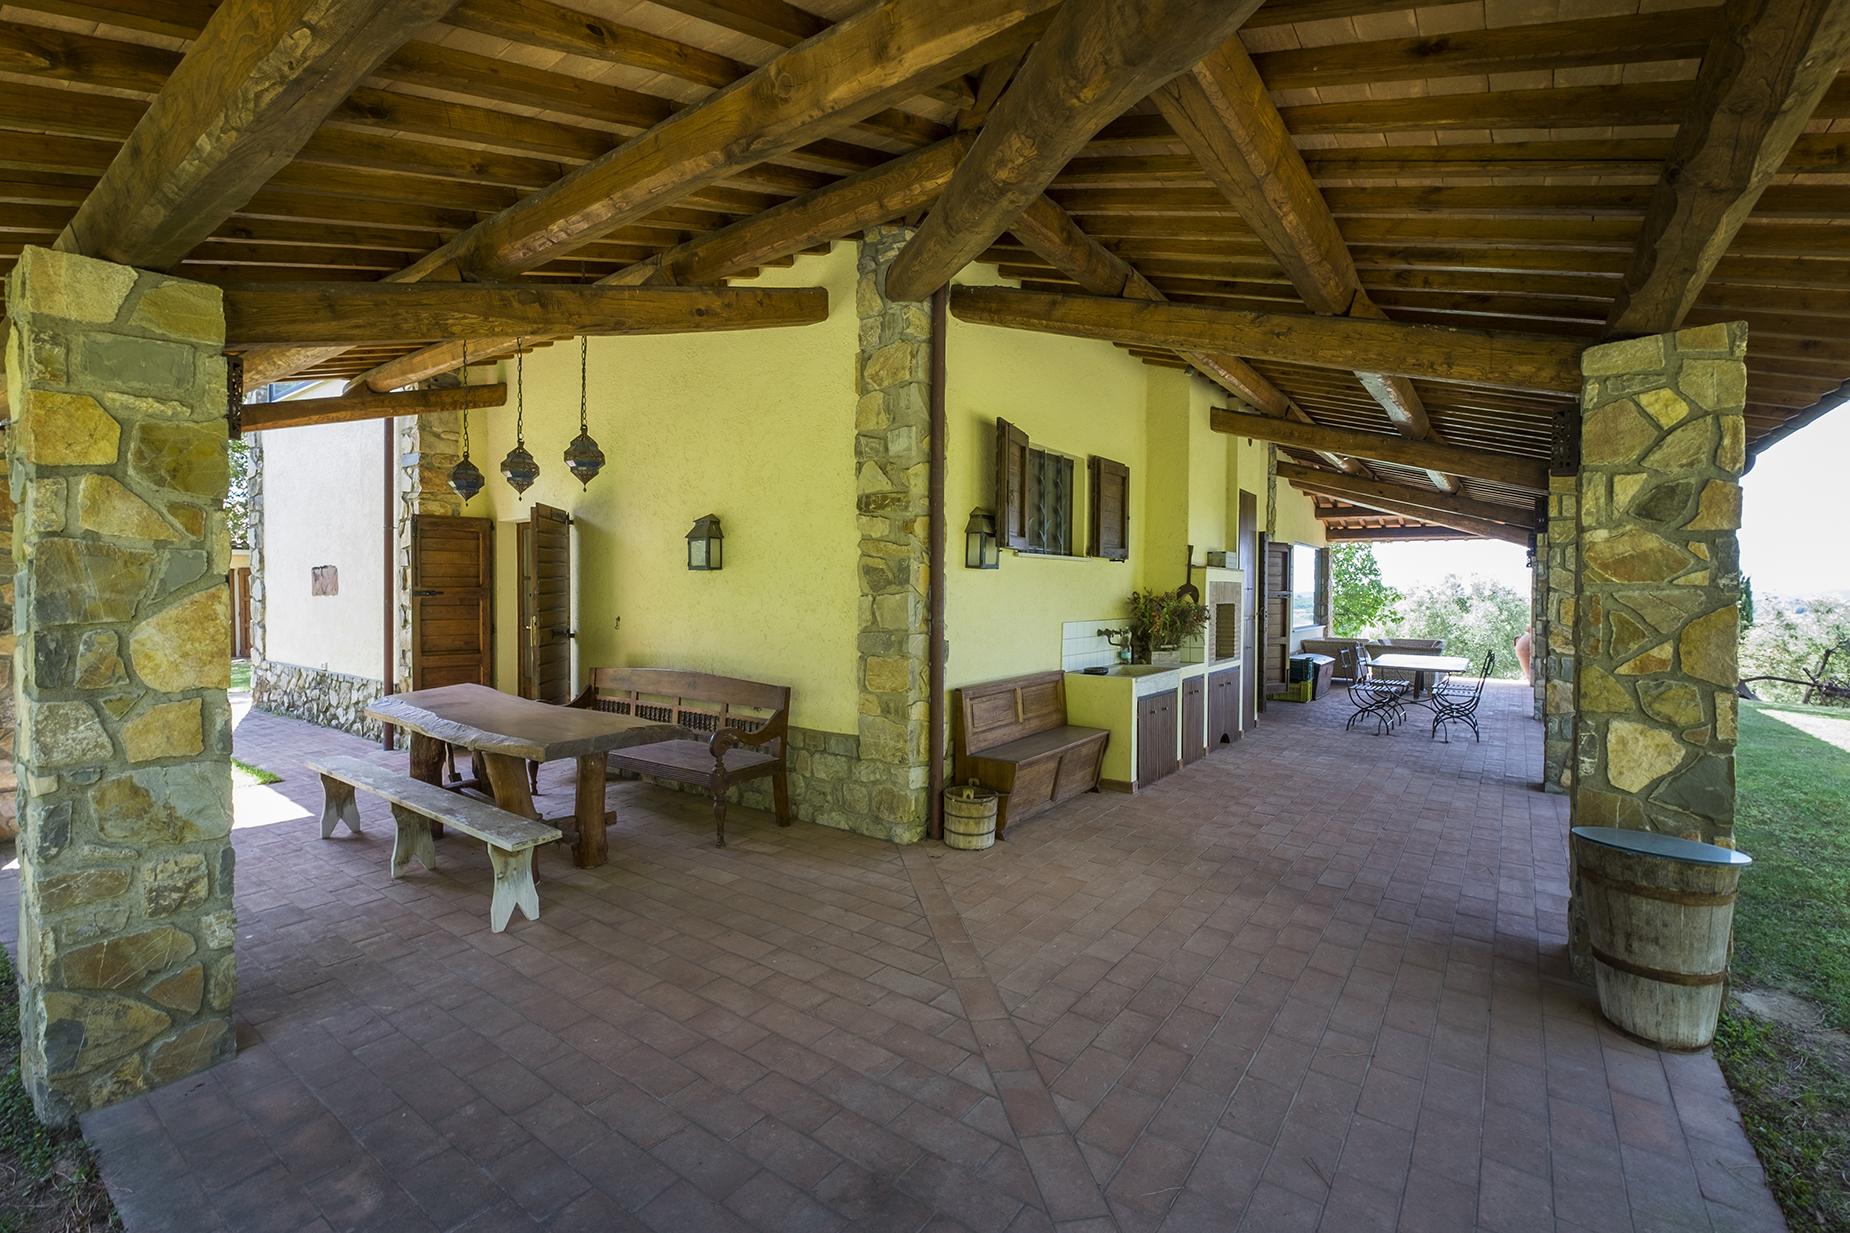 Rustico in Vendita a Magliano In Toscana: 5 locali, 320 mq - Foto 3